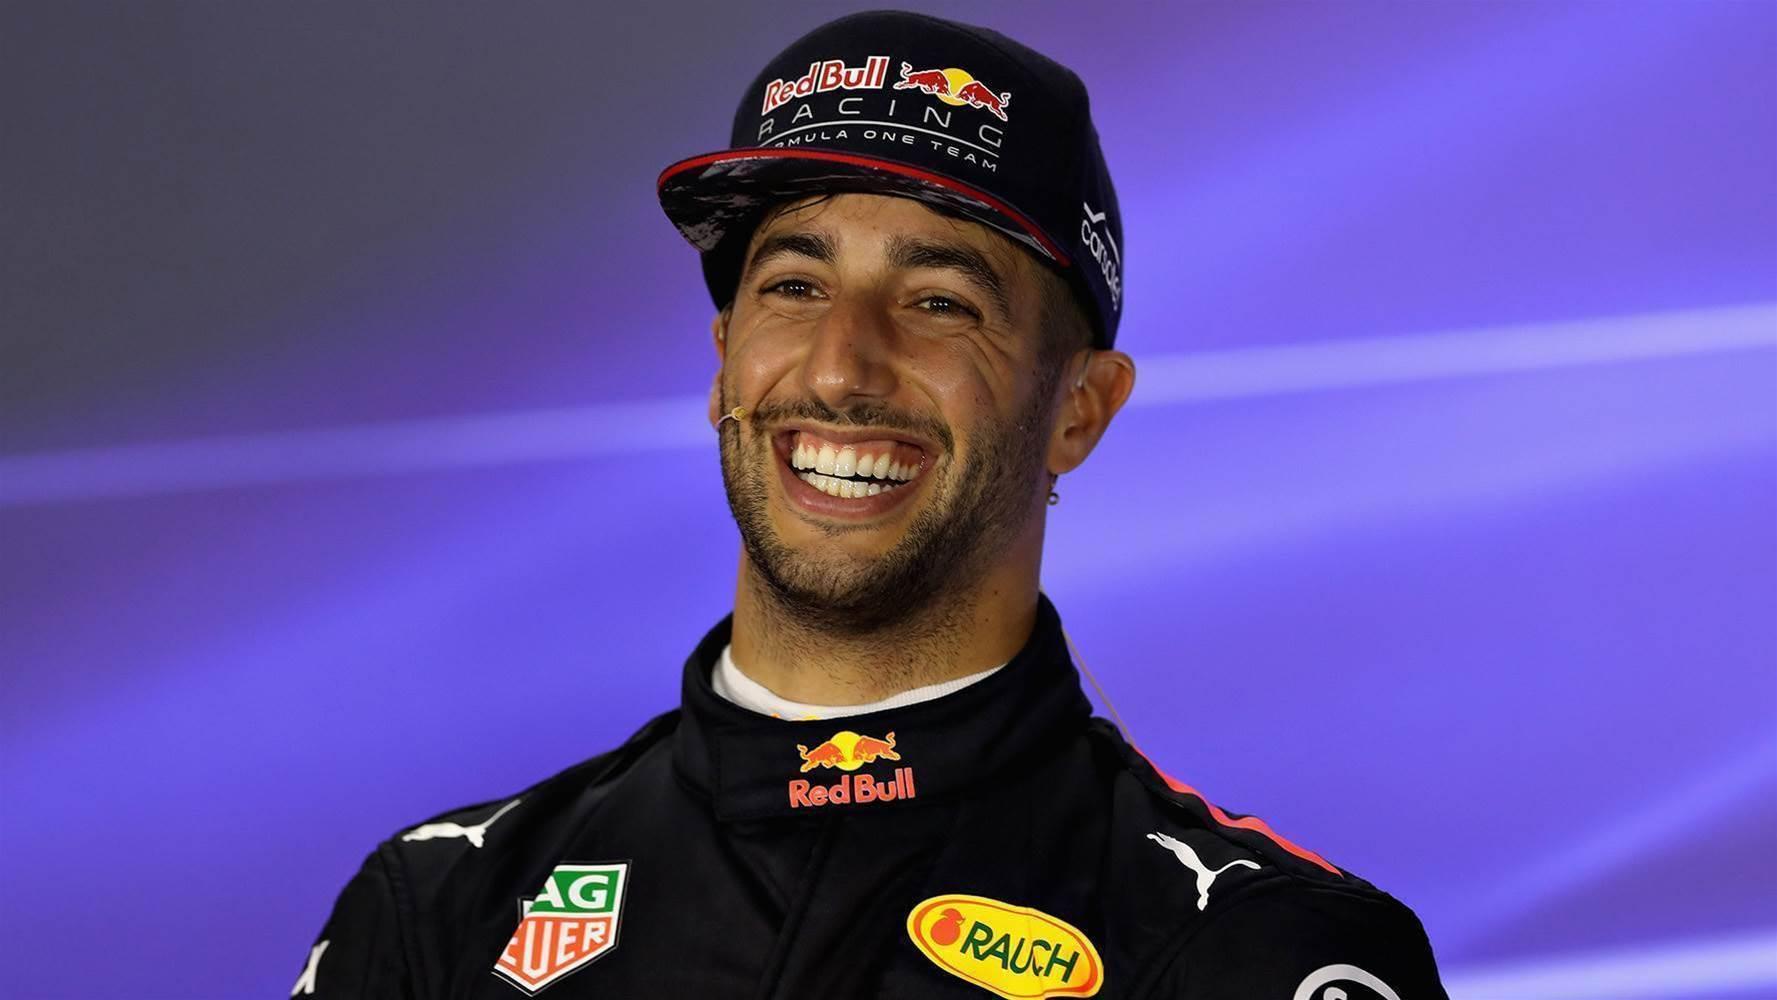 VIDEO: Ricciardo farts during press conference